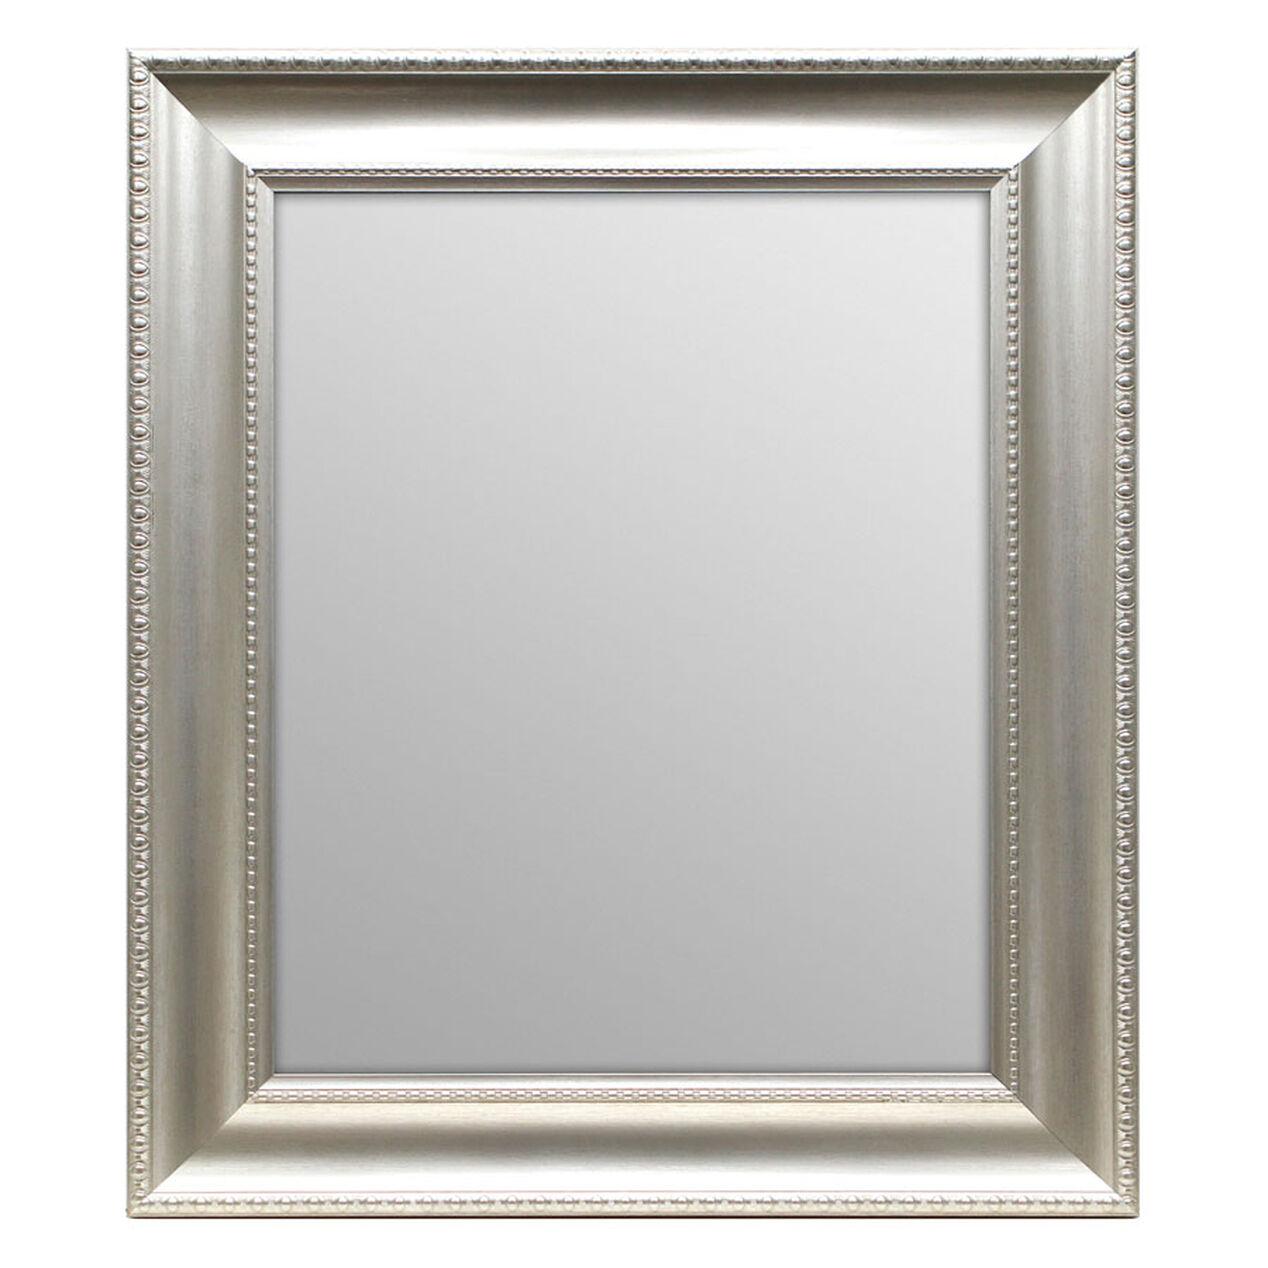 22 x 28 in antique silver beveled anne mirror